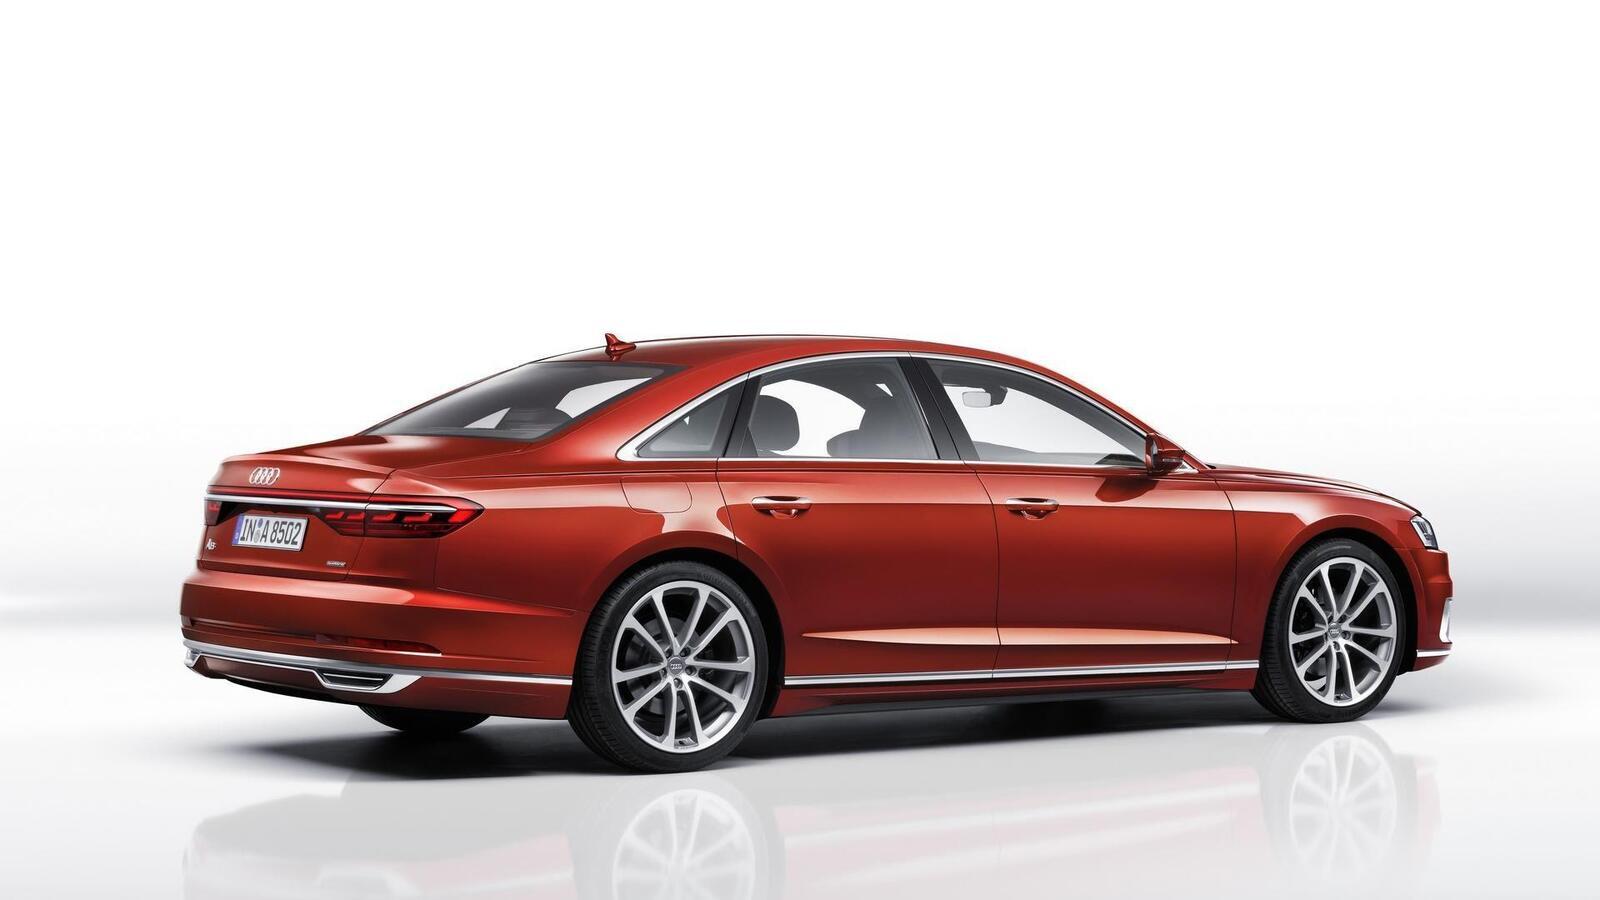 Audi thêm một số trang bị cho A8 2018 - Hình 20